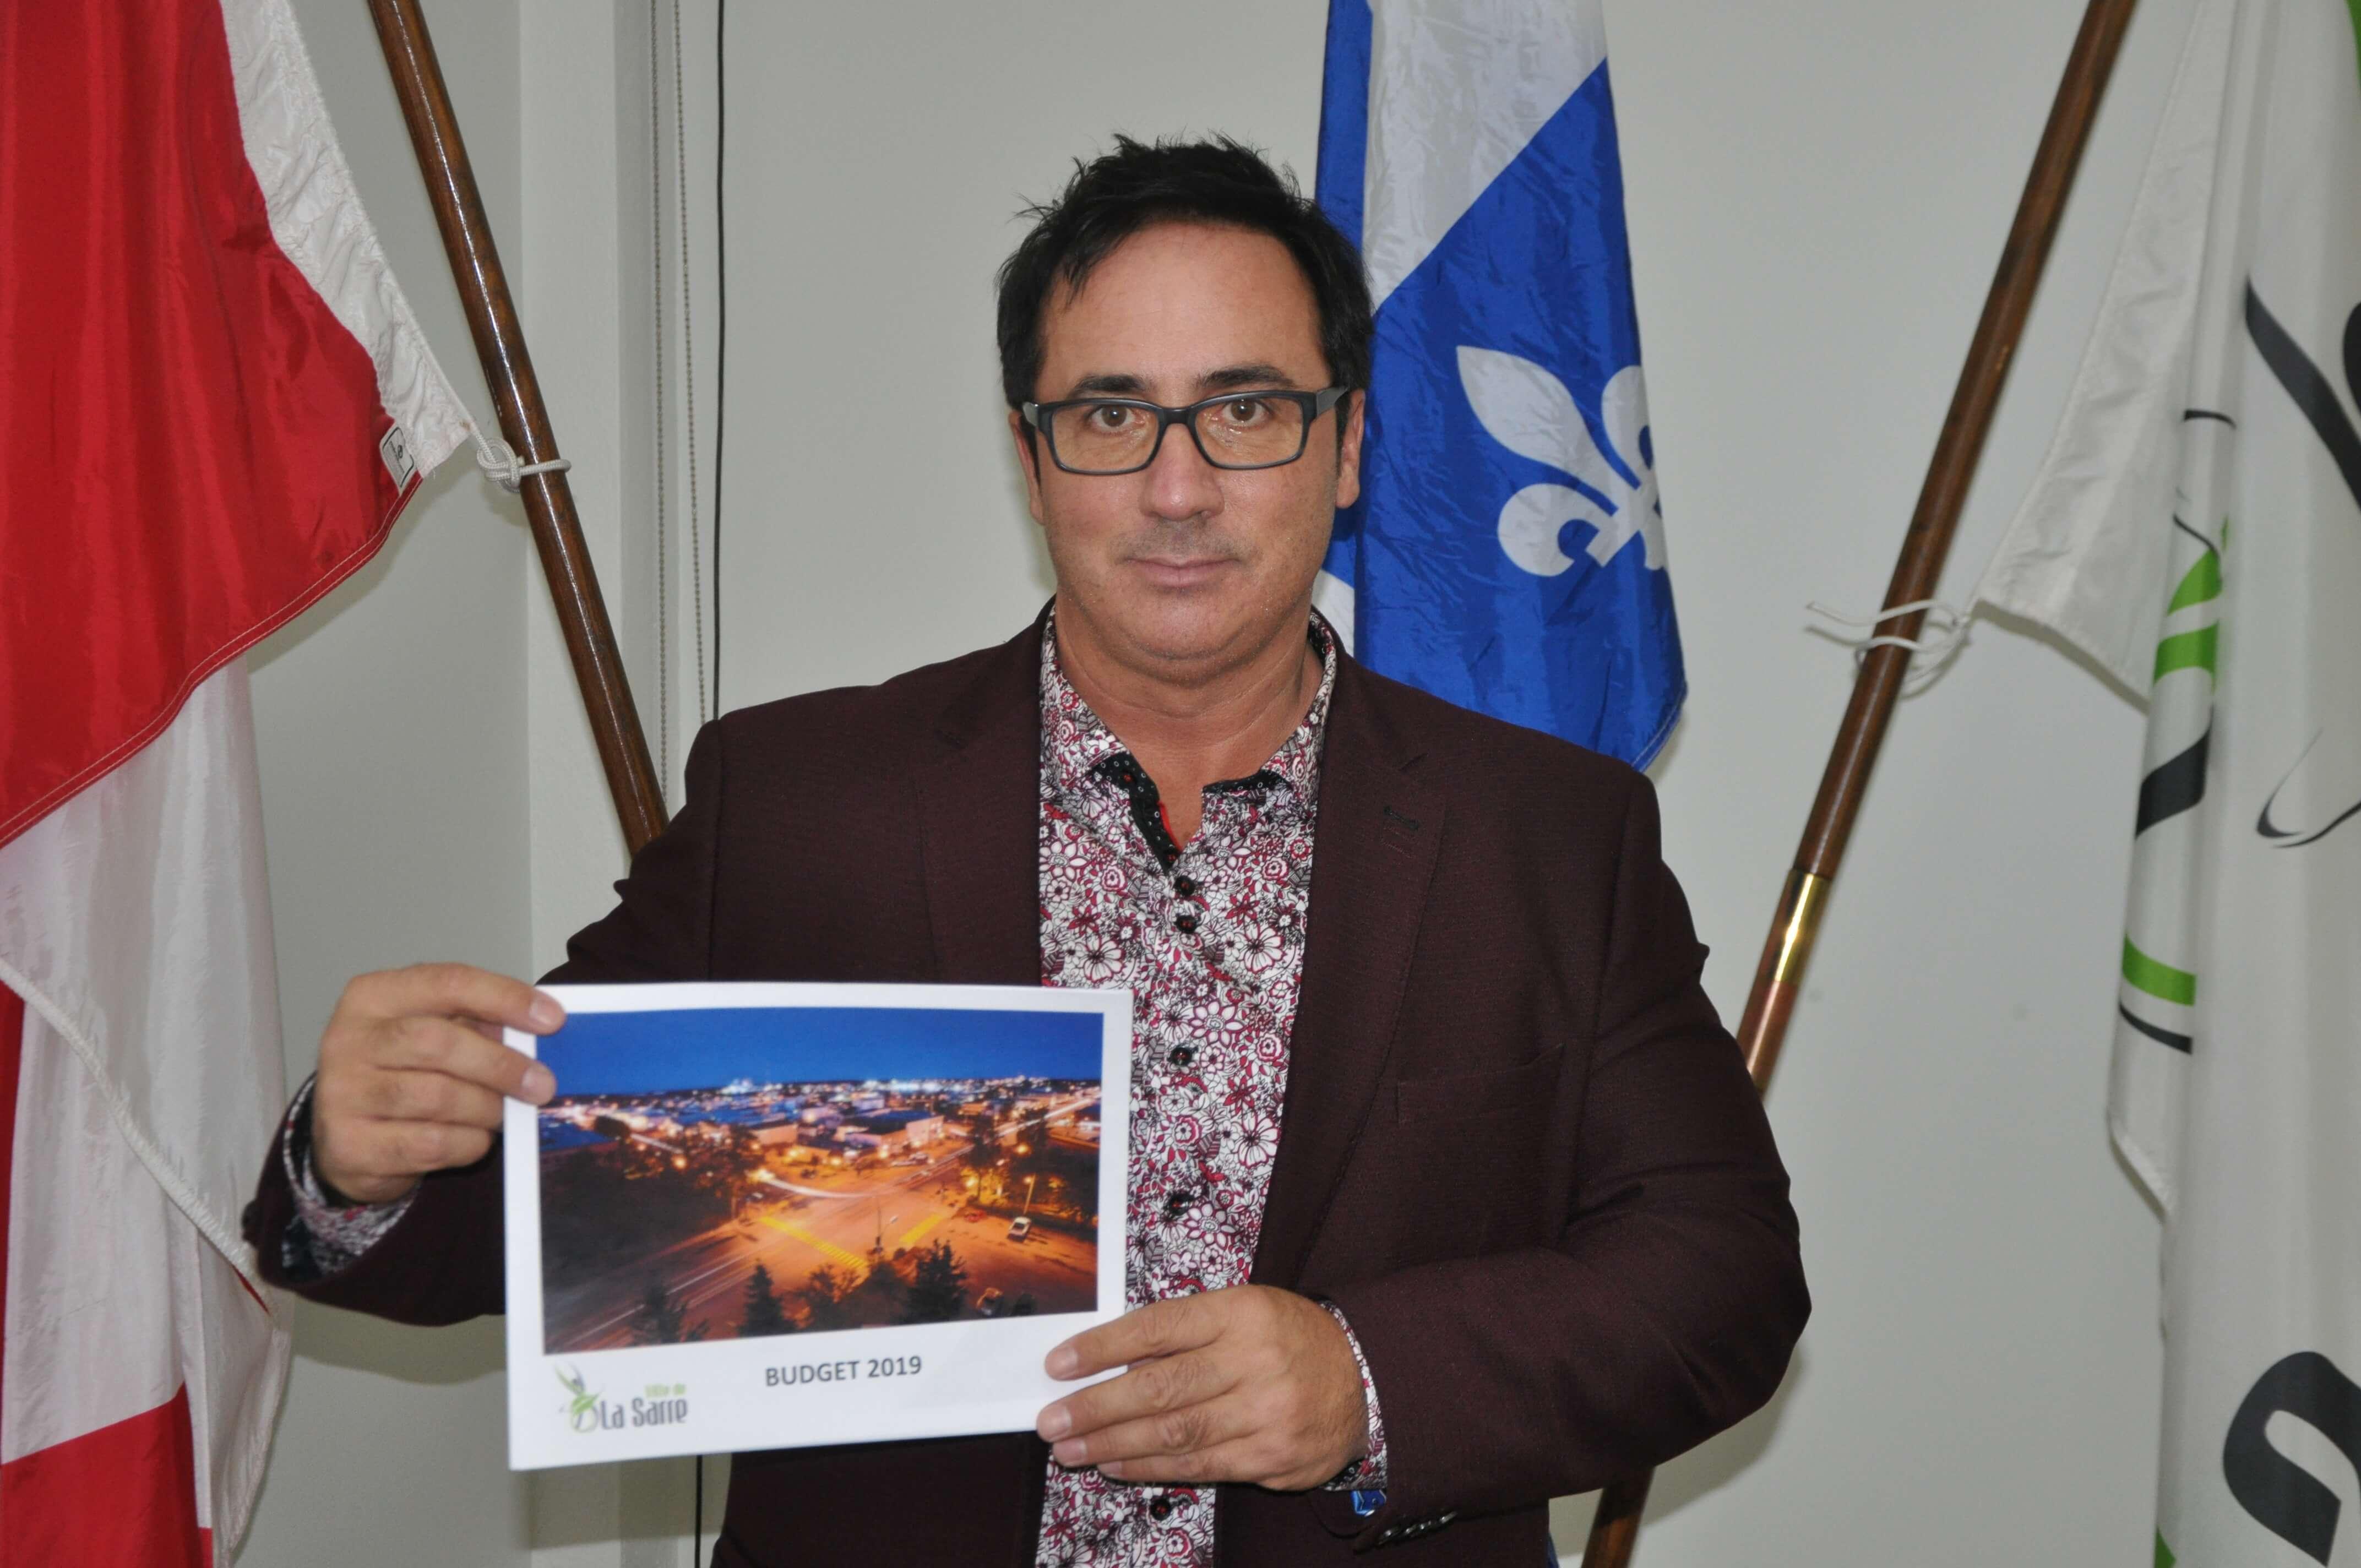 Budget La Sarre 2019, Yves Dubé